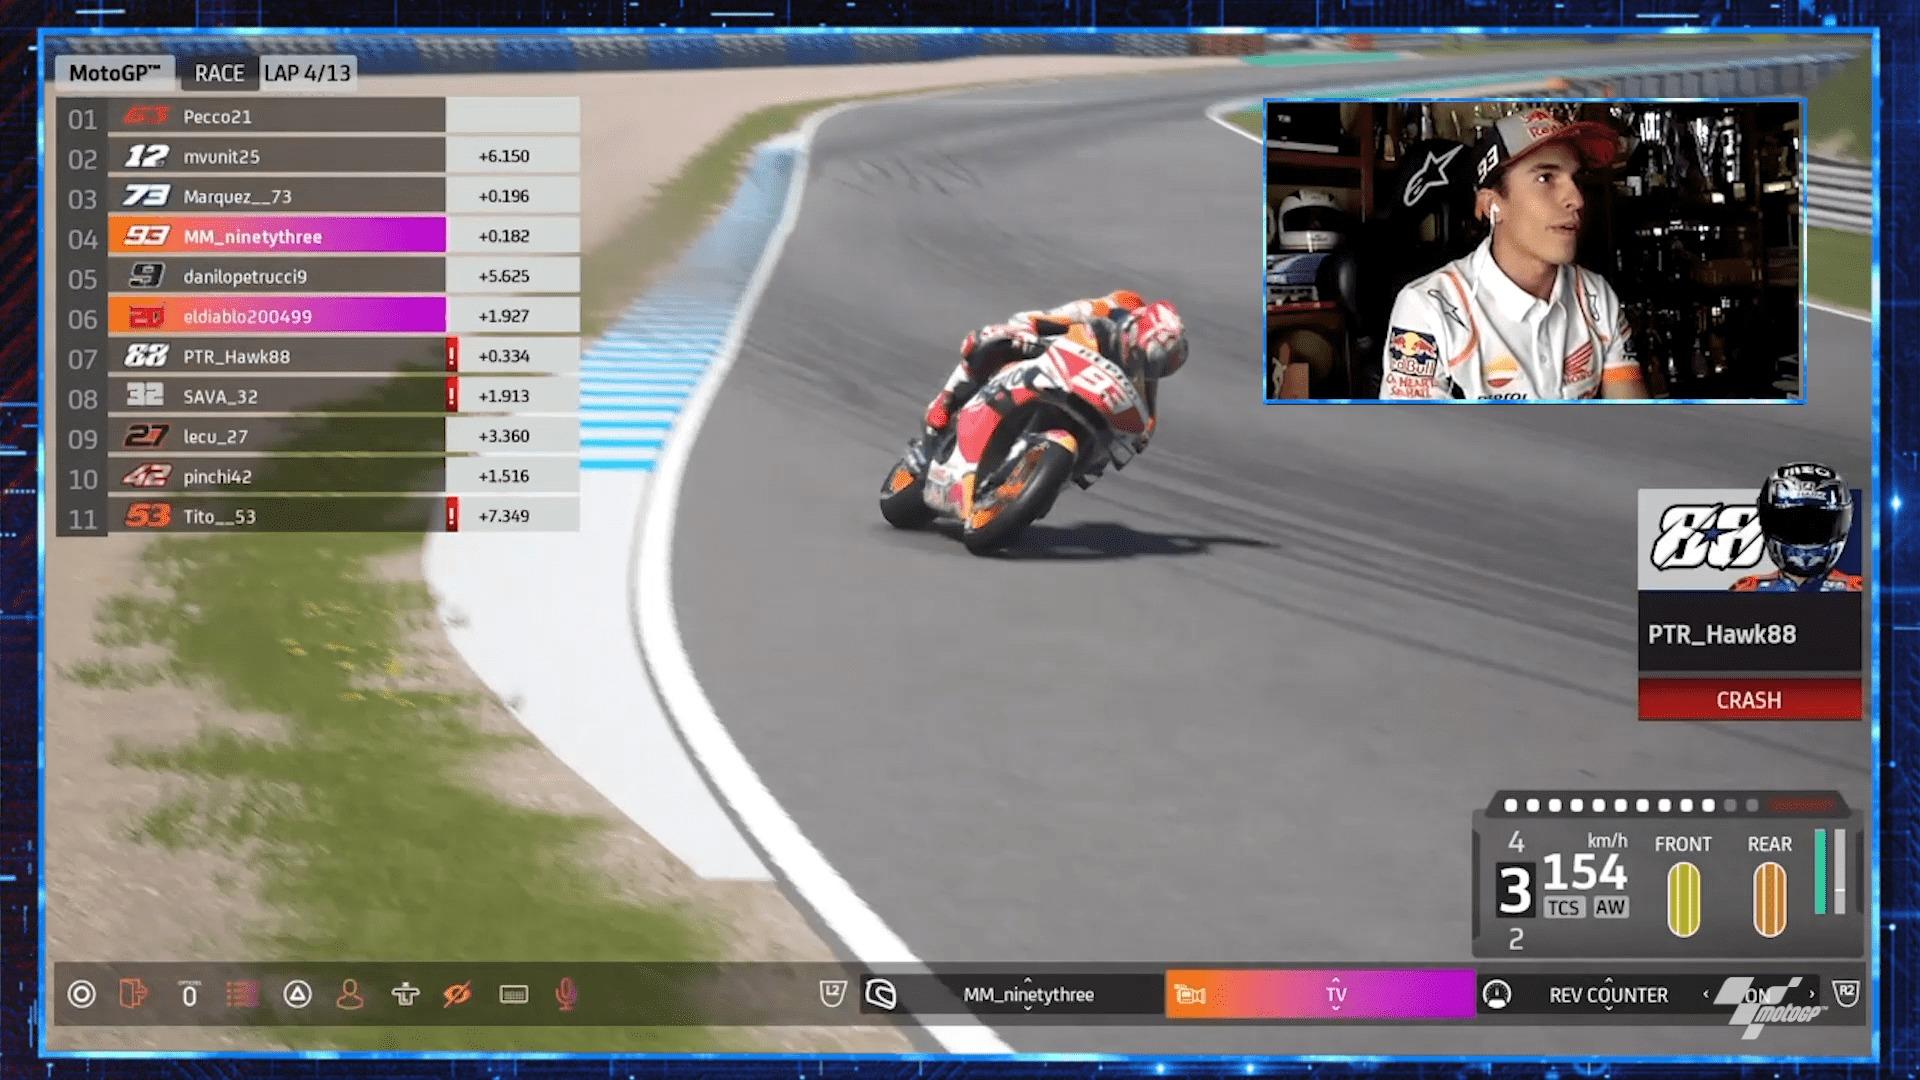 MotoGPバーチャルレース3 4位マルク・マルケス「もう少し練習すれば上手になるはず」